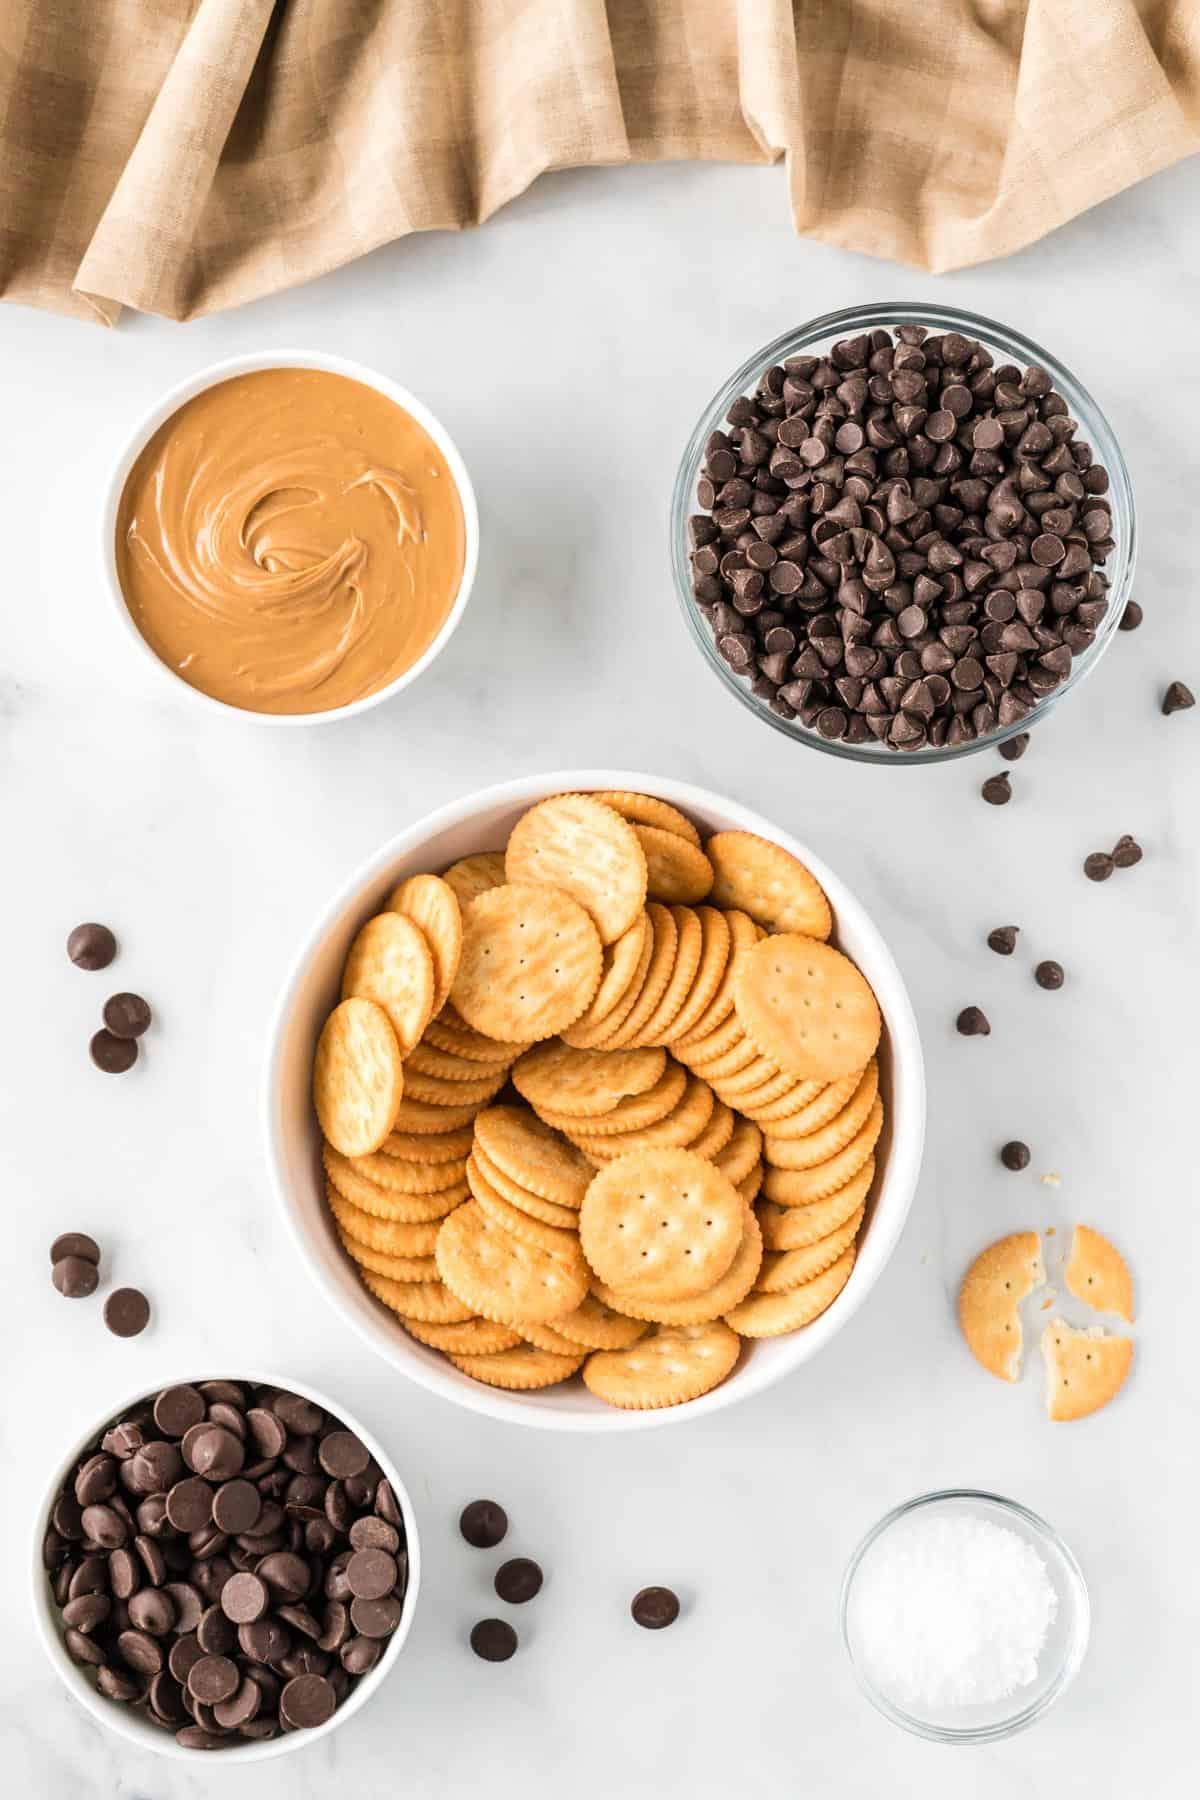 ingredients to make ritz cracker cookies